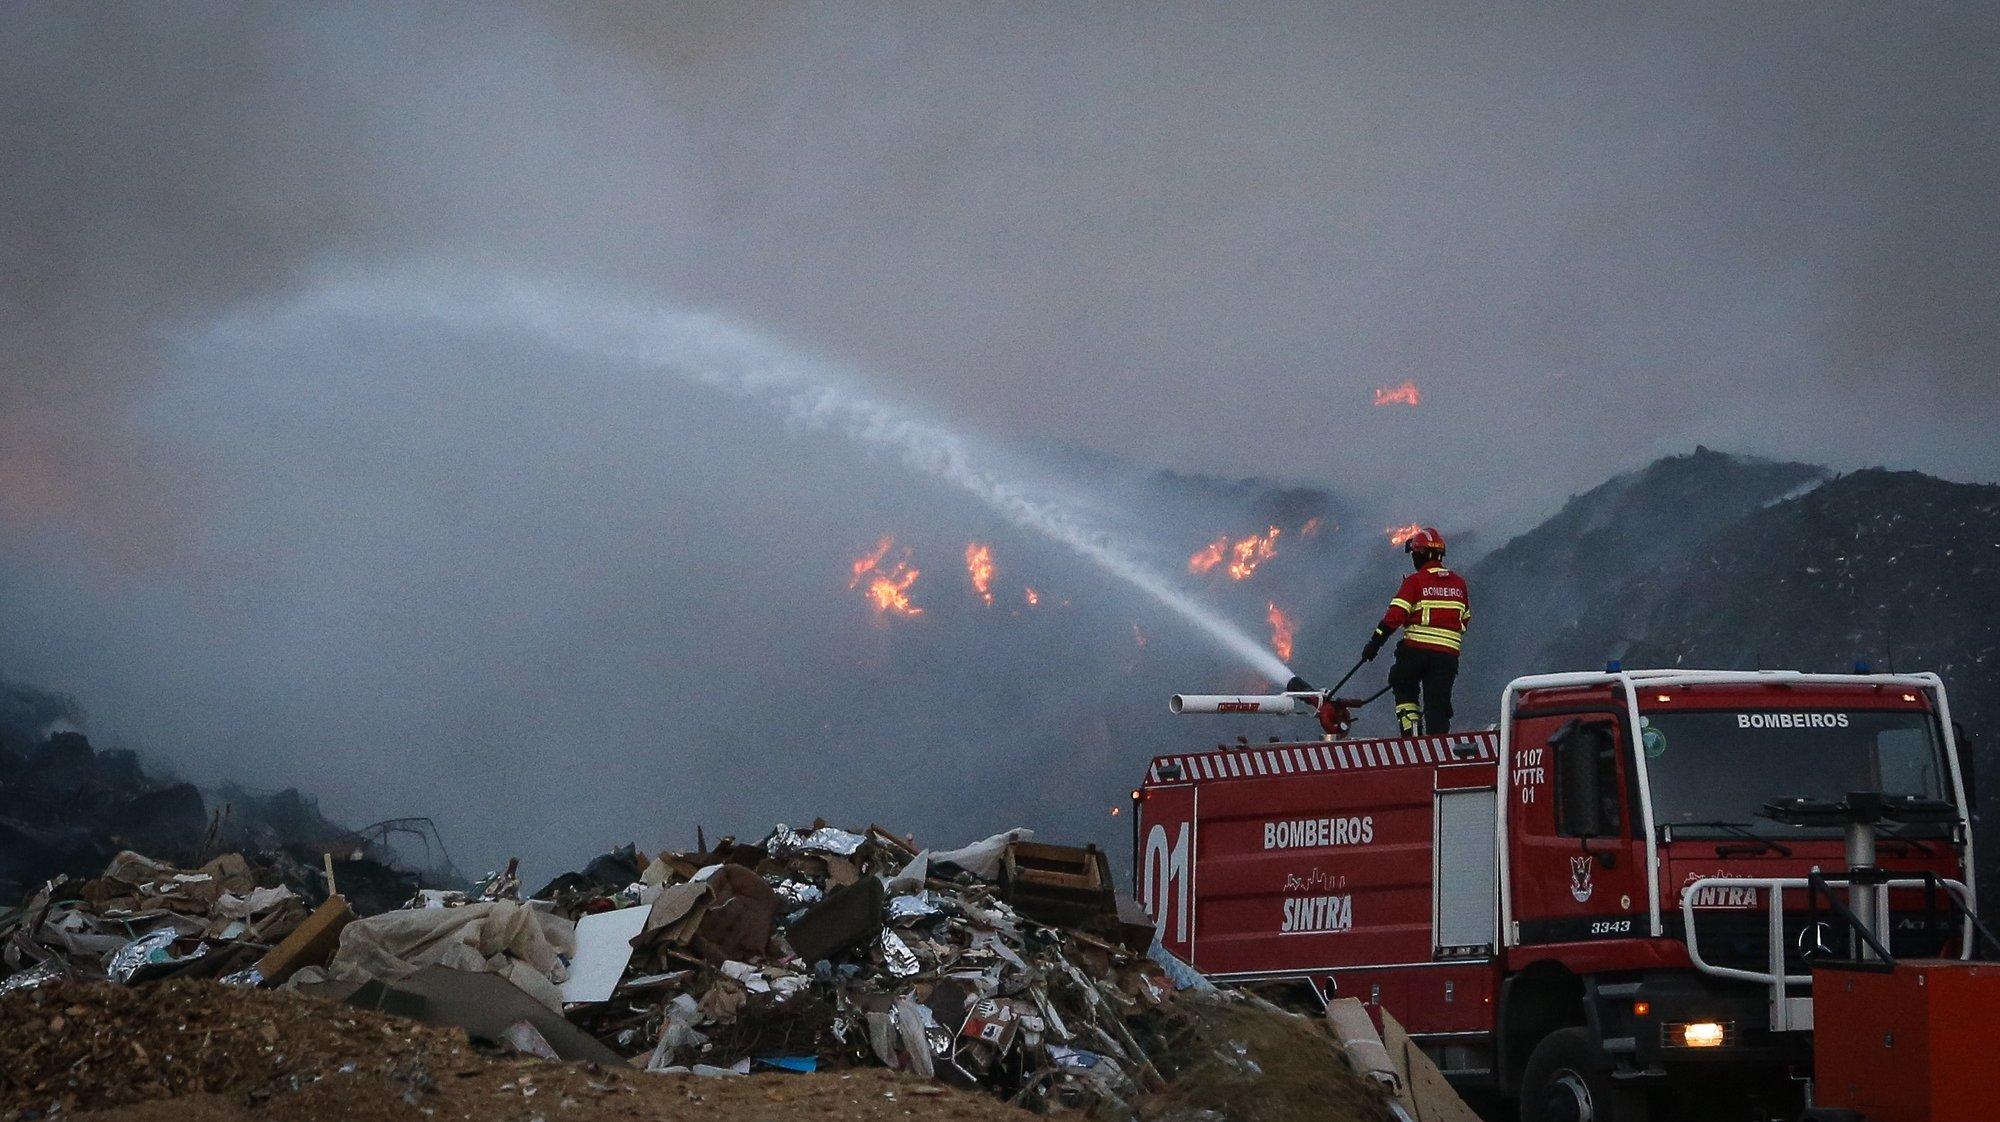 Um bombeiro combate um incêndio que deflagrou hoje à tarde na empresa Tratolixo, em Trajouce, no concelho de Cascais, 10 de julho de 2021. De acordo com fonte do Comando Distrital de Operações de Socorro (CDOS) de Lisboa, o alerta para o fogo na empresa de tratamento de resíduos sólidos Tratolixo, que entretanto se estendeu a uma zona de mato, foi dado às 16:15 e às 20:30 segundo a Autoridade Nacional de Emergência e Proteção Civil estão no terreno 154 operacionais , apoiados por 56 veículos. RODRIGO ANTUNES/LUSA